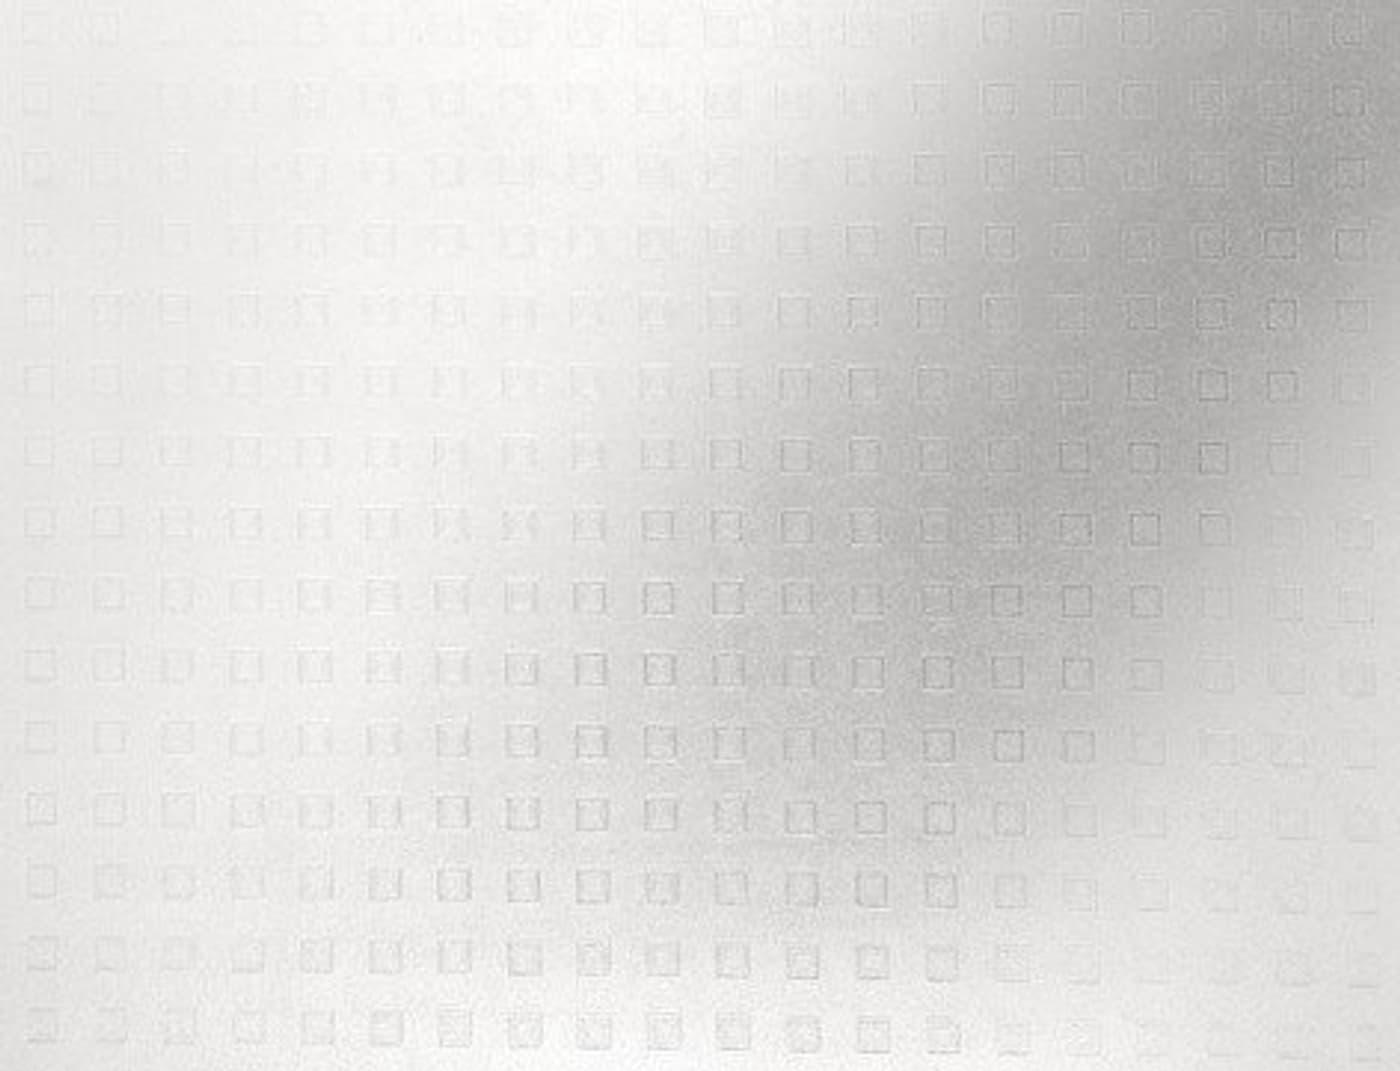 D c fix dekofolien selbstklebend hufnagel transparent migros for Dc fix folie holzoptik